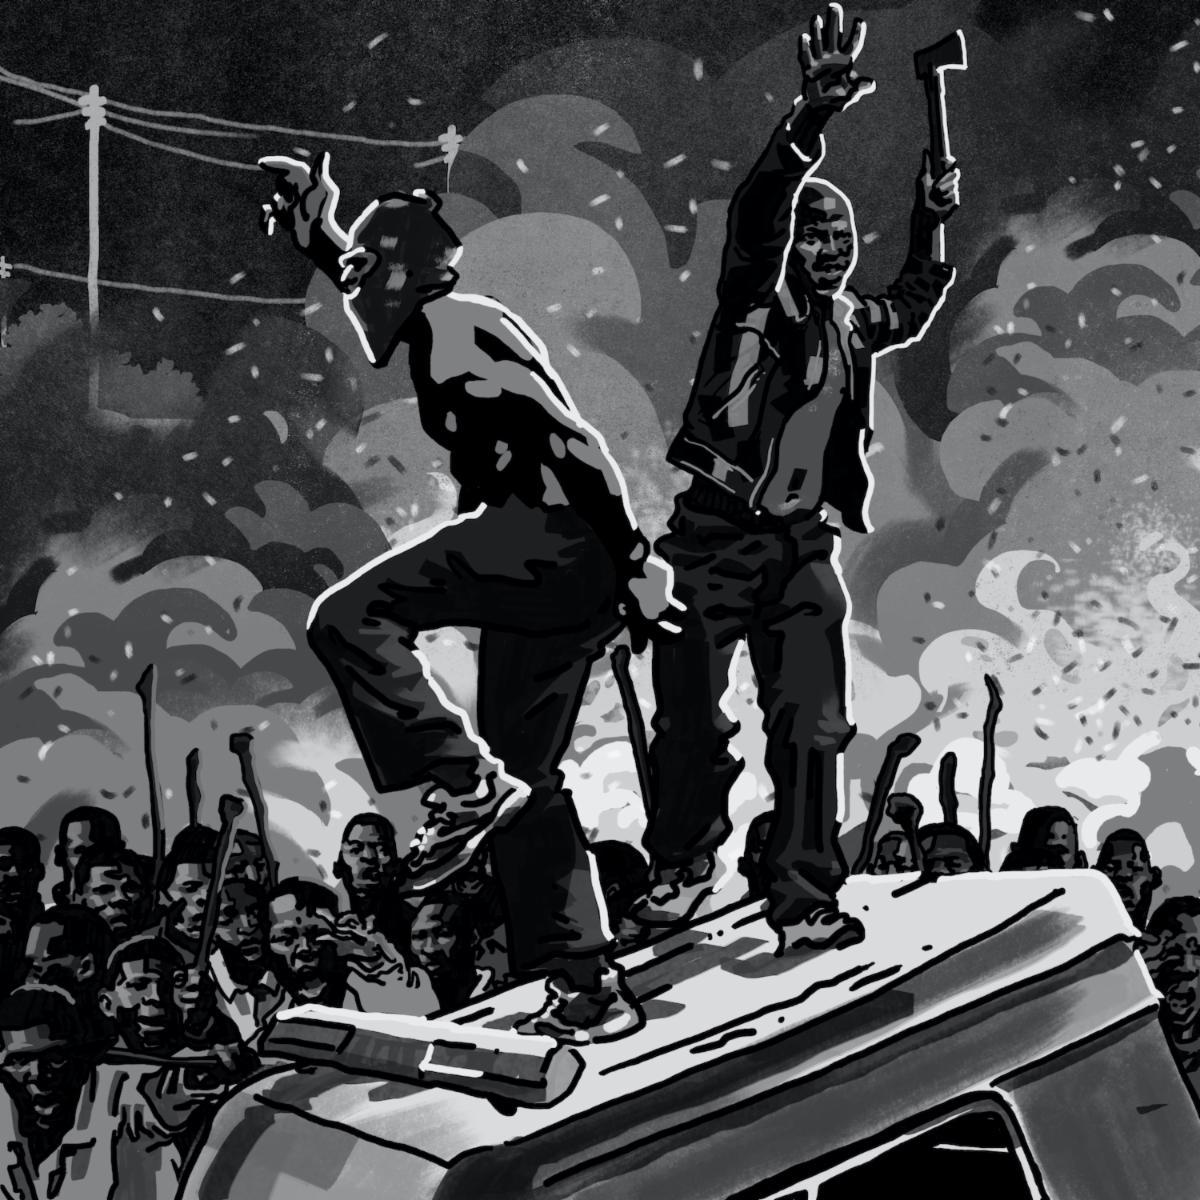 Capa do single Rainforest, da rapper Noname. Uma ilustração em preto e branco de um protesto protagonizado por manifestantes pretos. Uma multidão brande objetos enquanto o fogo ruge atrás deles. Dois manifestantes se erguem em cima de um veículo no centro da imagem. Um deles fala com a multidão usando uma máscara enquanto o outro está virado para a frente brandindo uma machadinha.